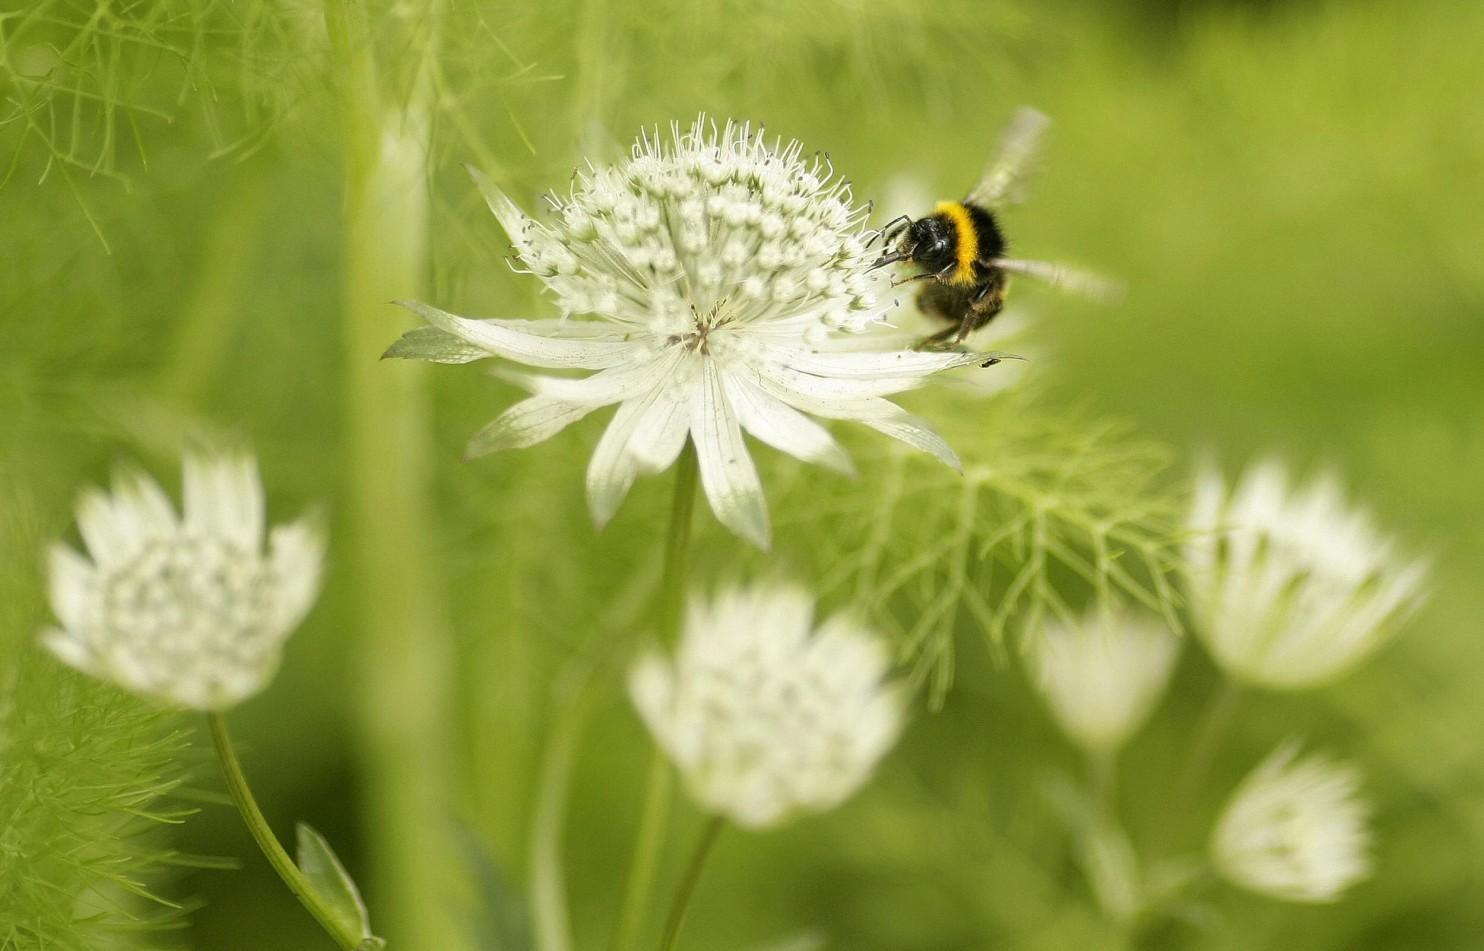 Miliki Otak Kecil, Lebah Justru Bisa Belajar dan Mengajar